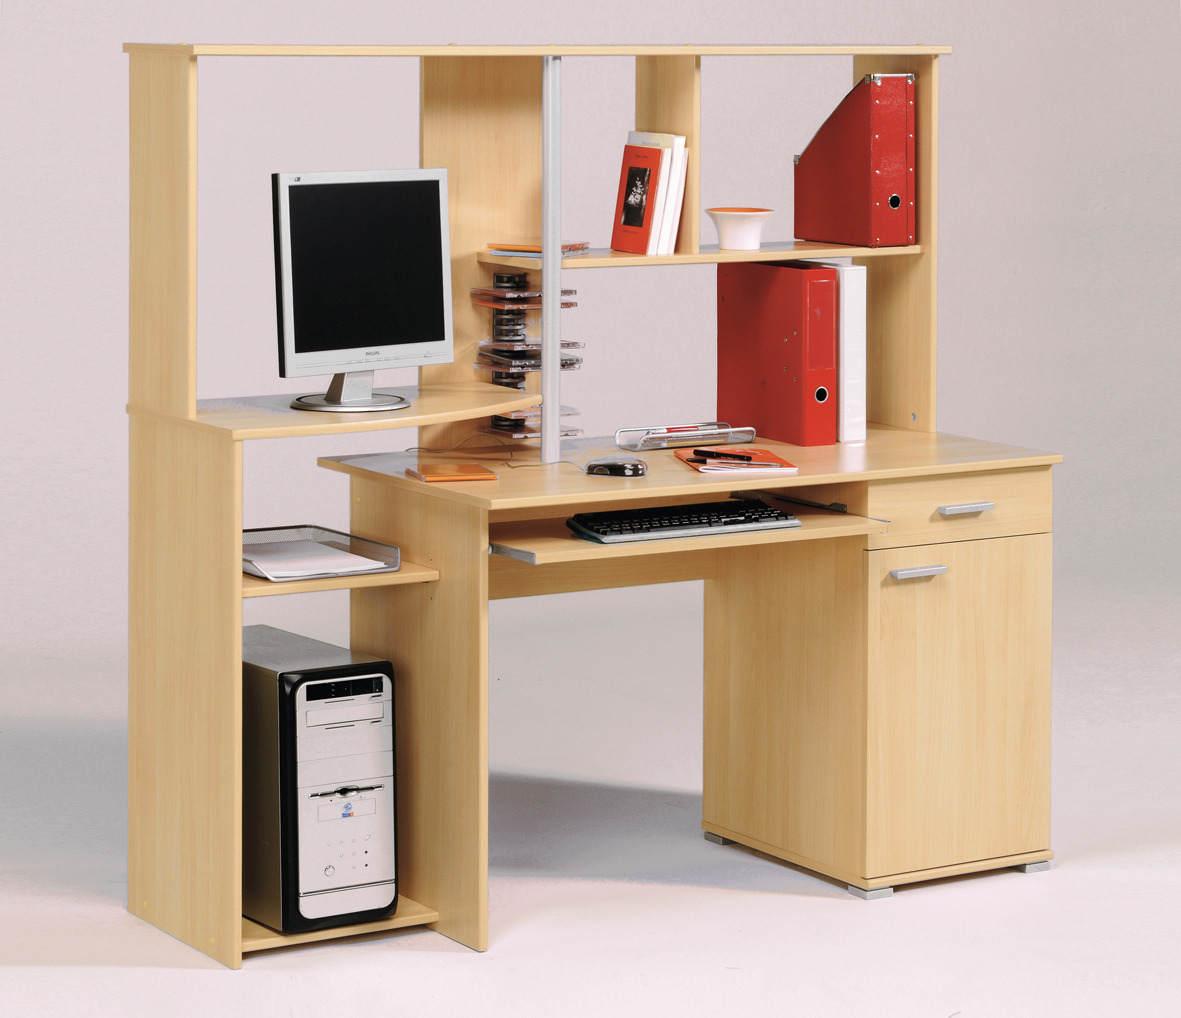 Contoh Desain Meja Komputer dan Laptop Minimalis ~ Gambar ...